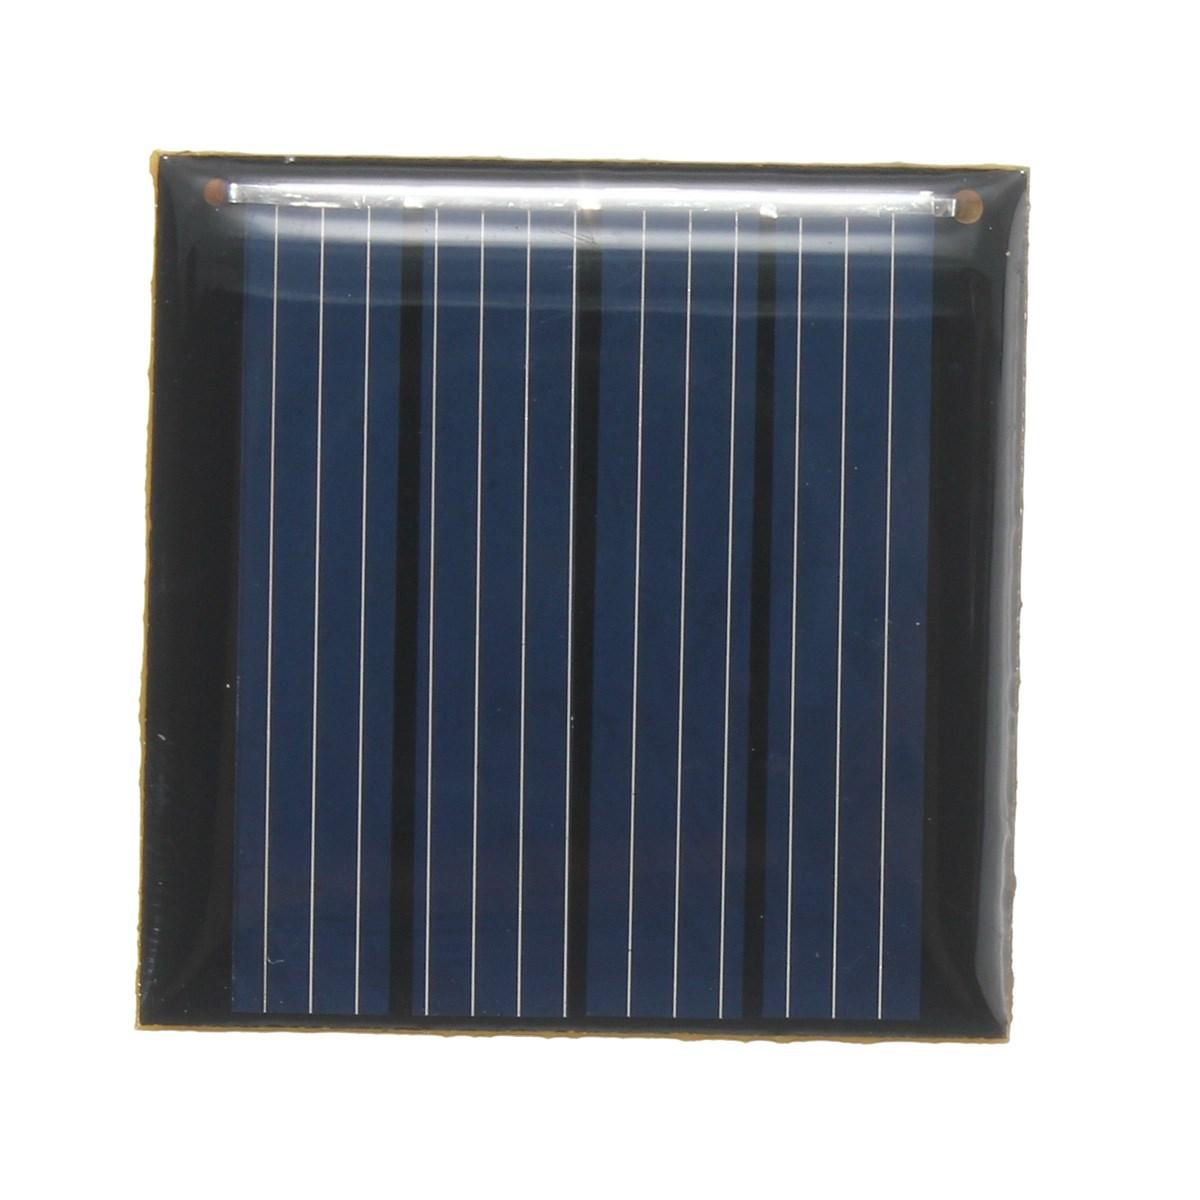 Солнечная панель 2В 0.14 Вт 70 мАч 40x40x3